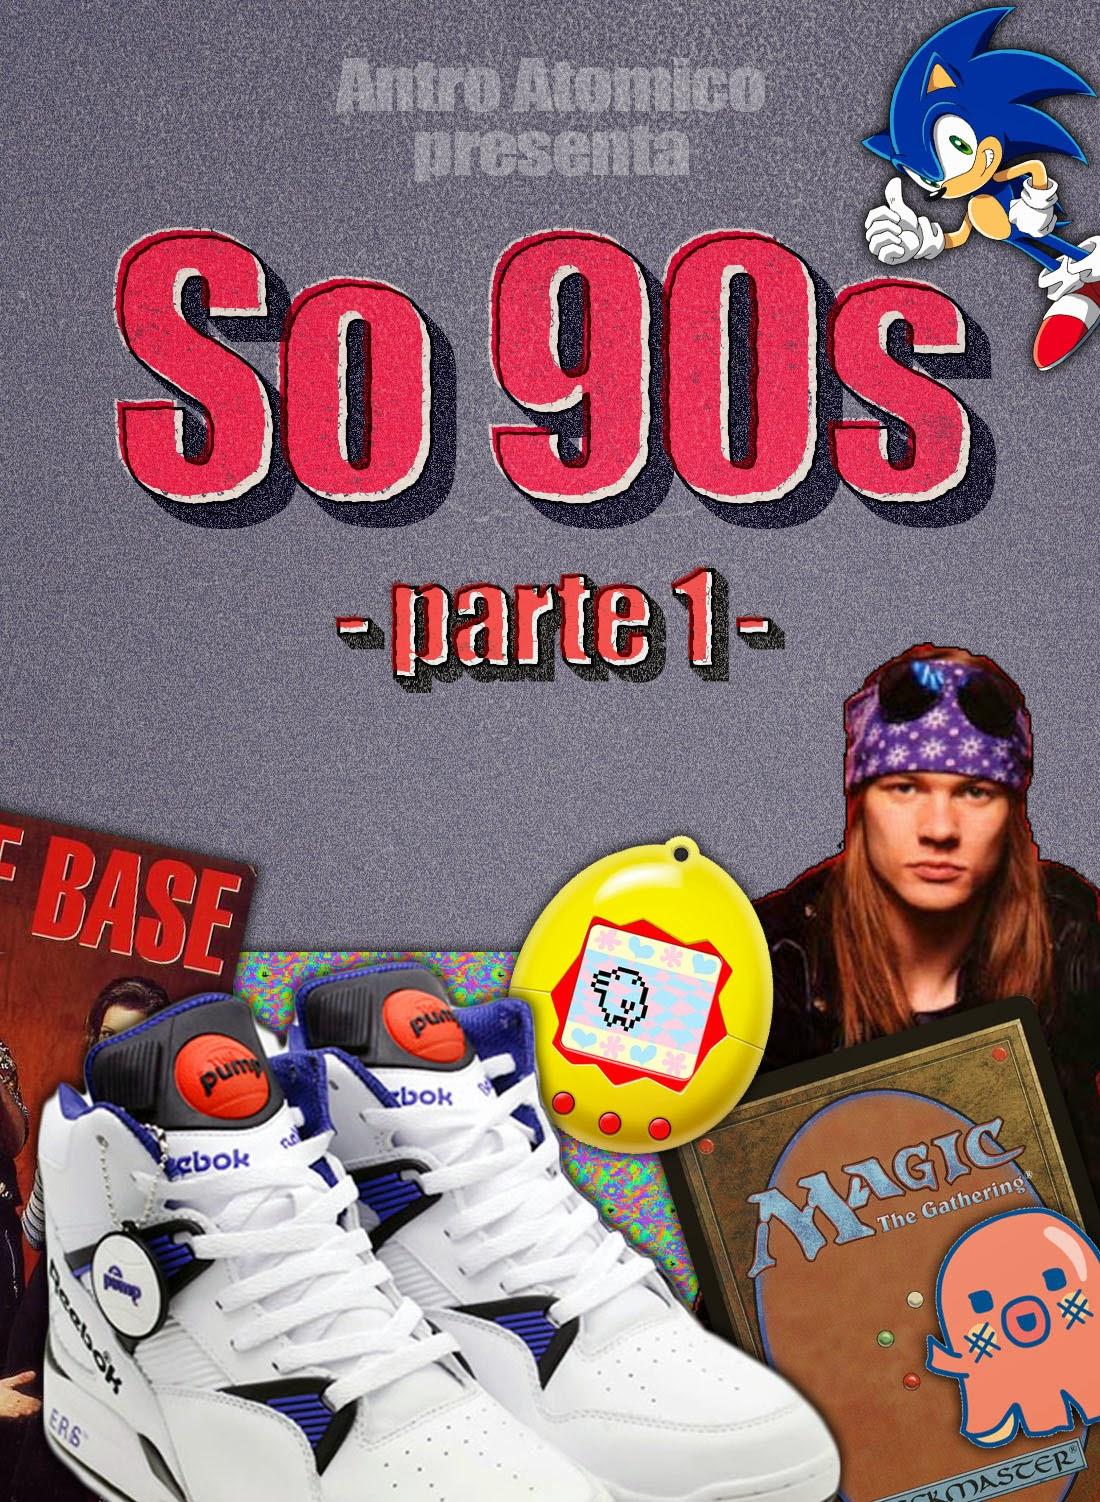 Degli Mode E Anni 90 90s So Manie 1 Tormentoni parte SXtxYwnq5